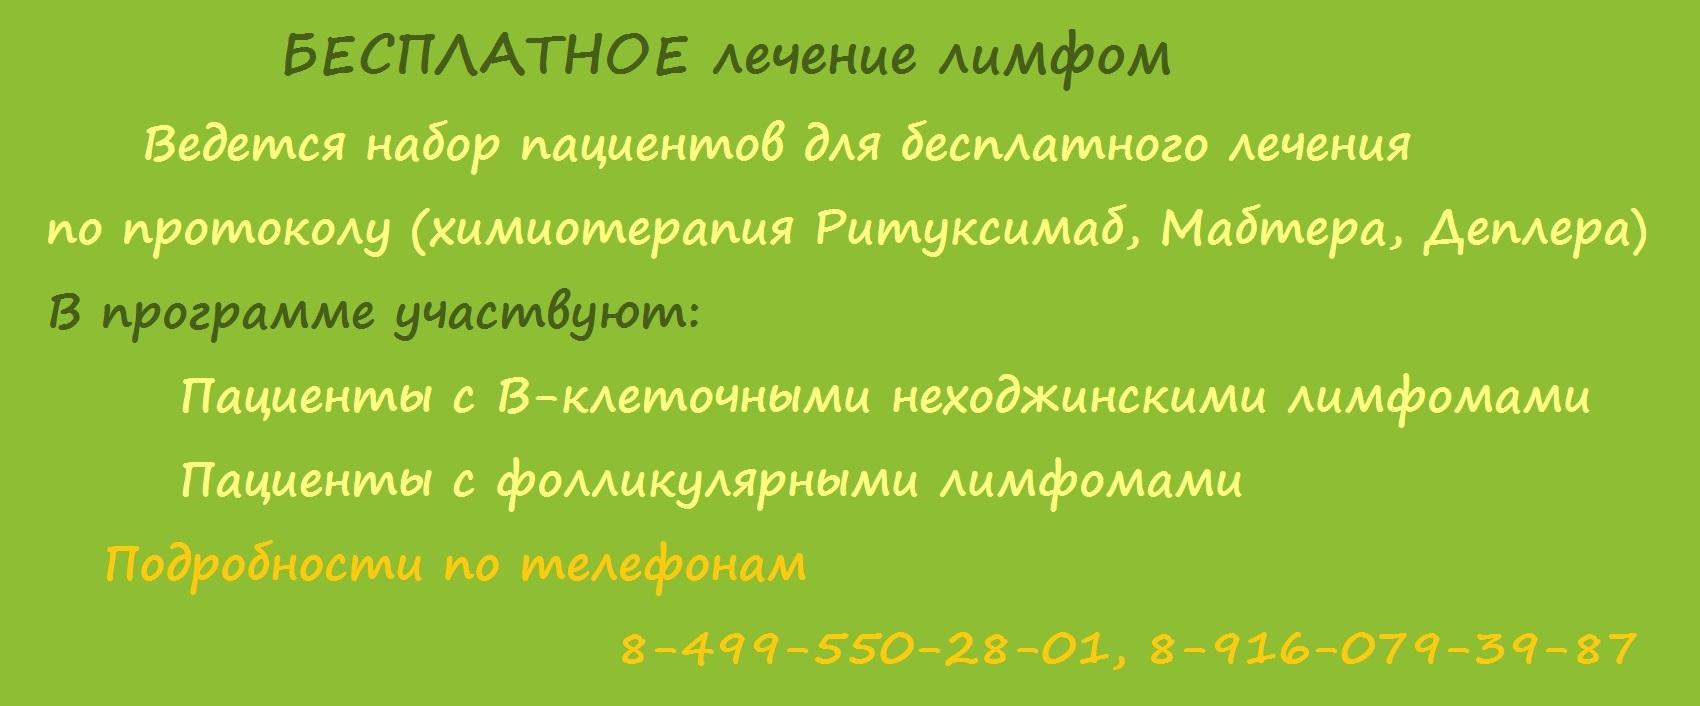 Лечение лимфомы в Москве - диагностика симптомов